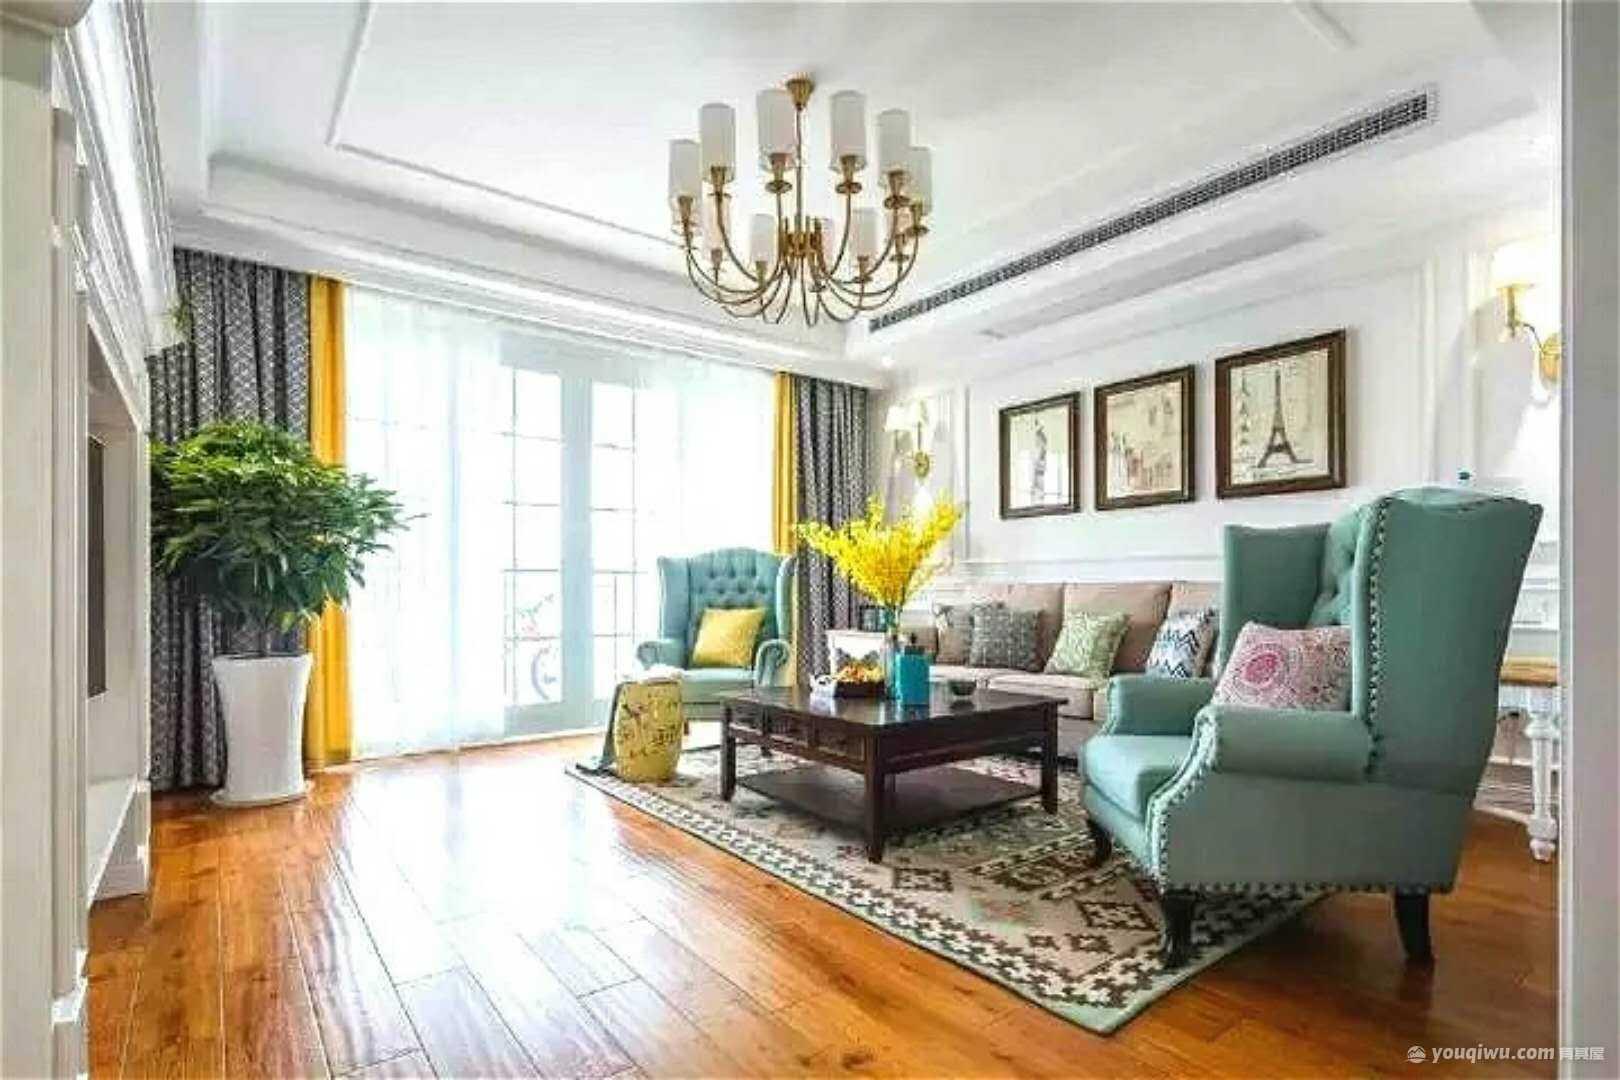 113平方米美式风格装修效果图—金阳光装饰